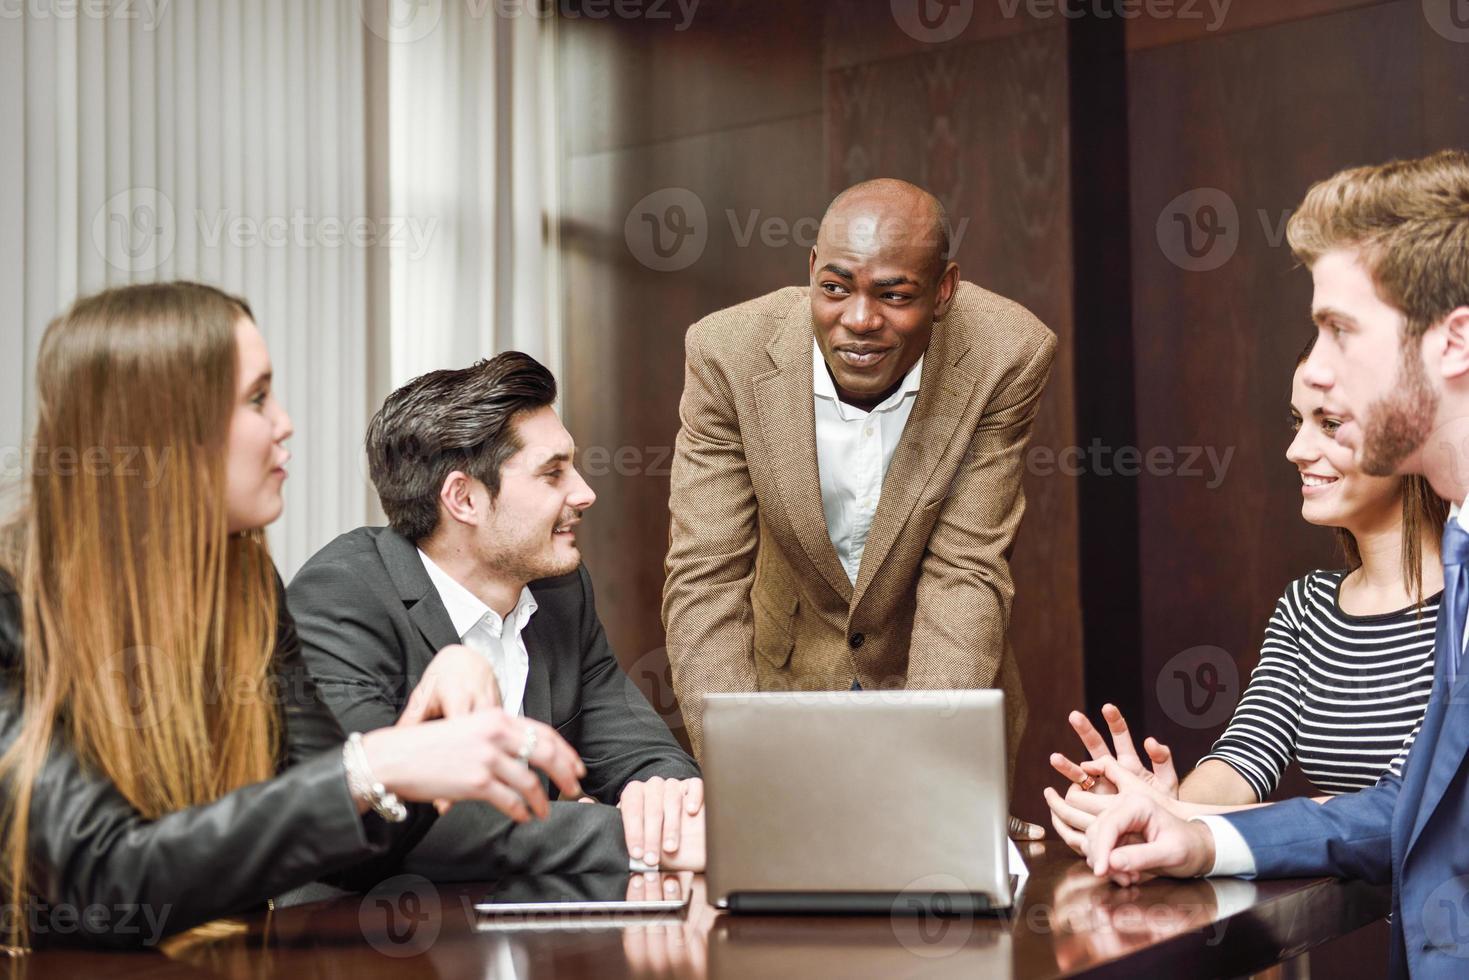 groep van multi-etnische drukke mensen die werken in een kantoor foto